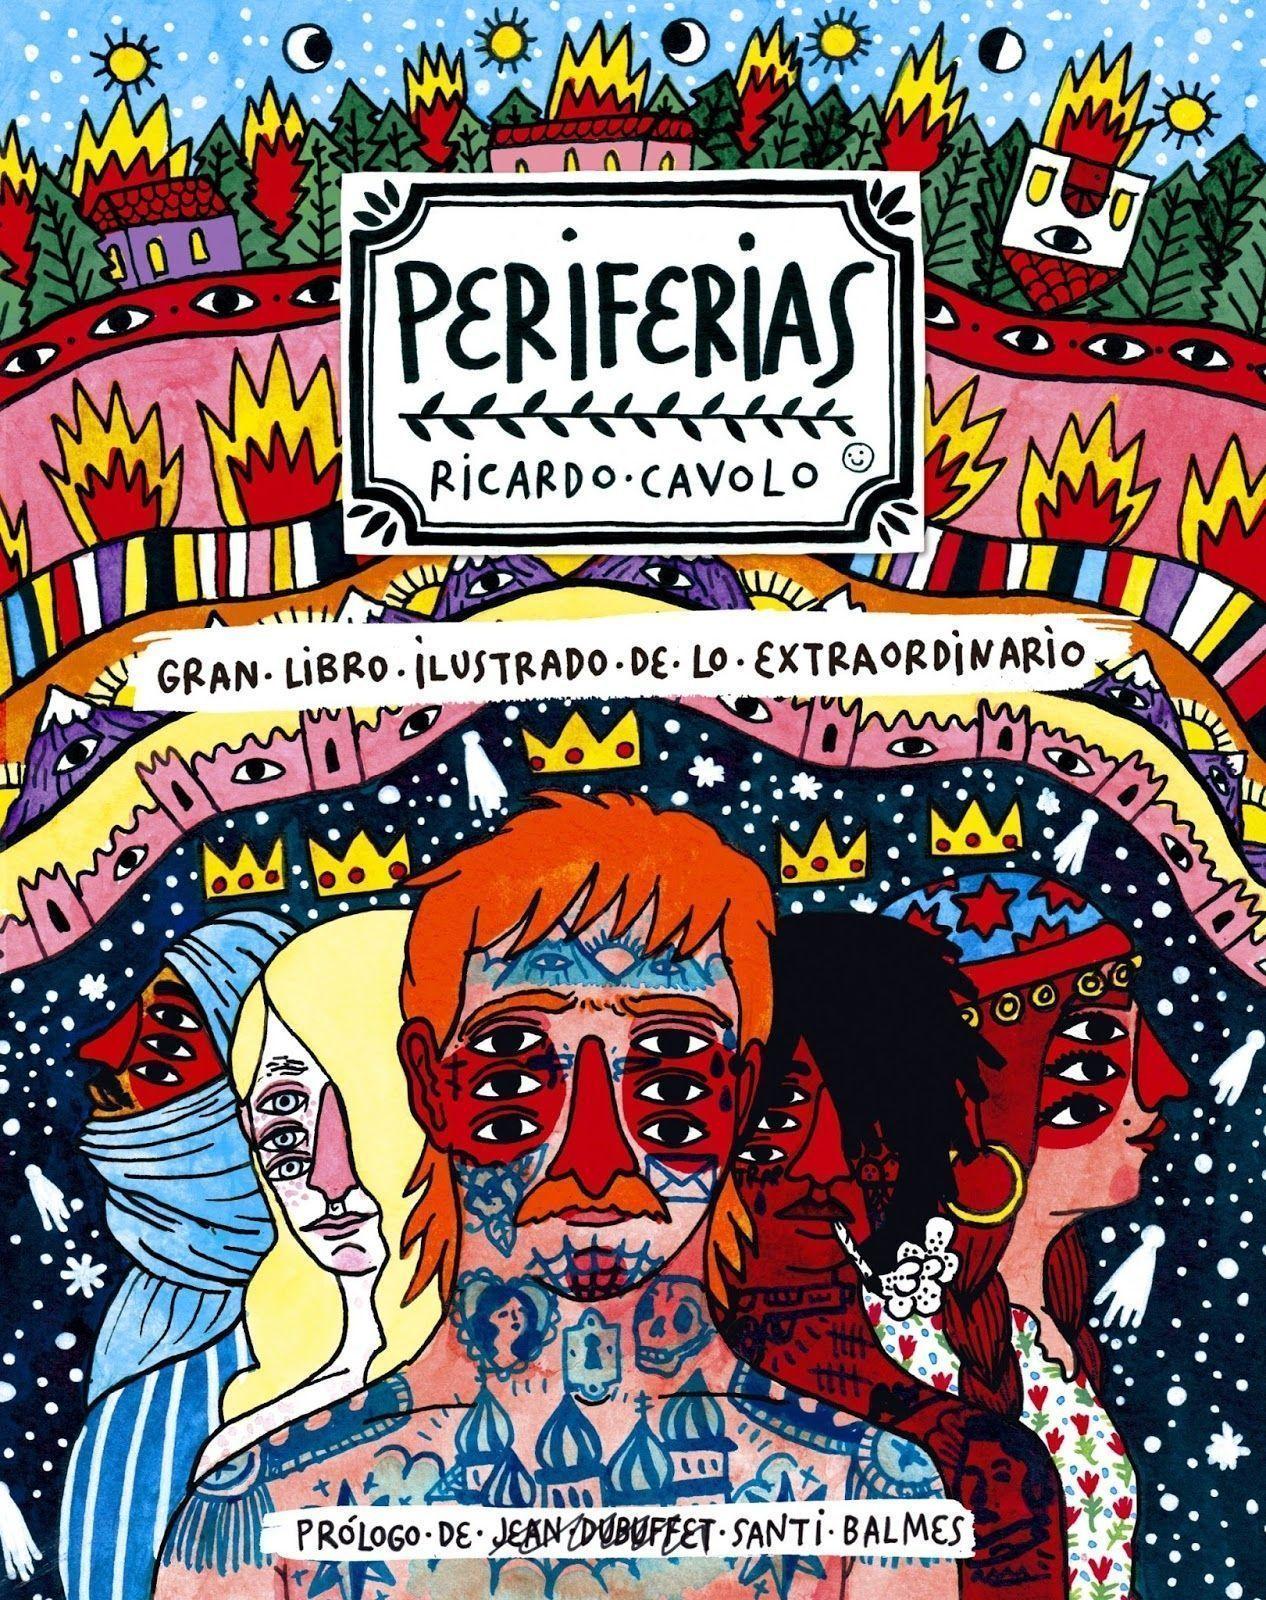 Periferias. Un libro ilustrado de lo extraordinario